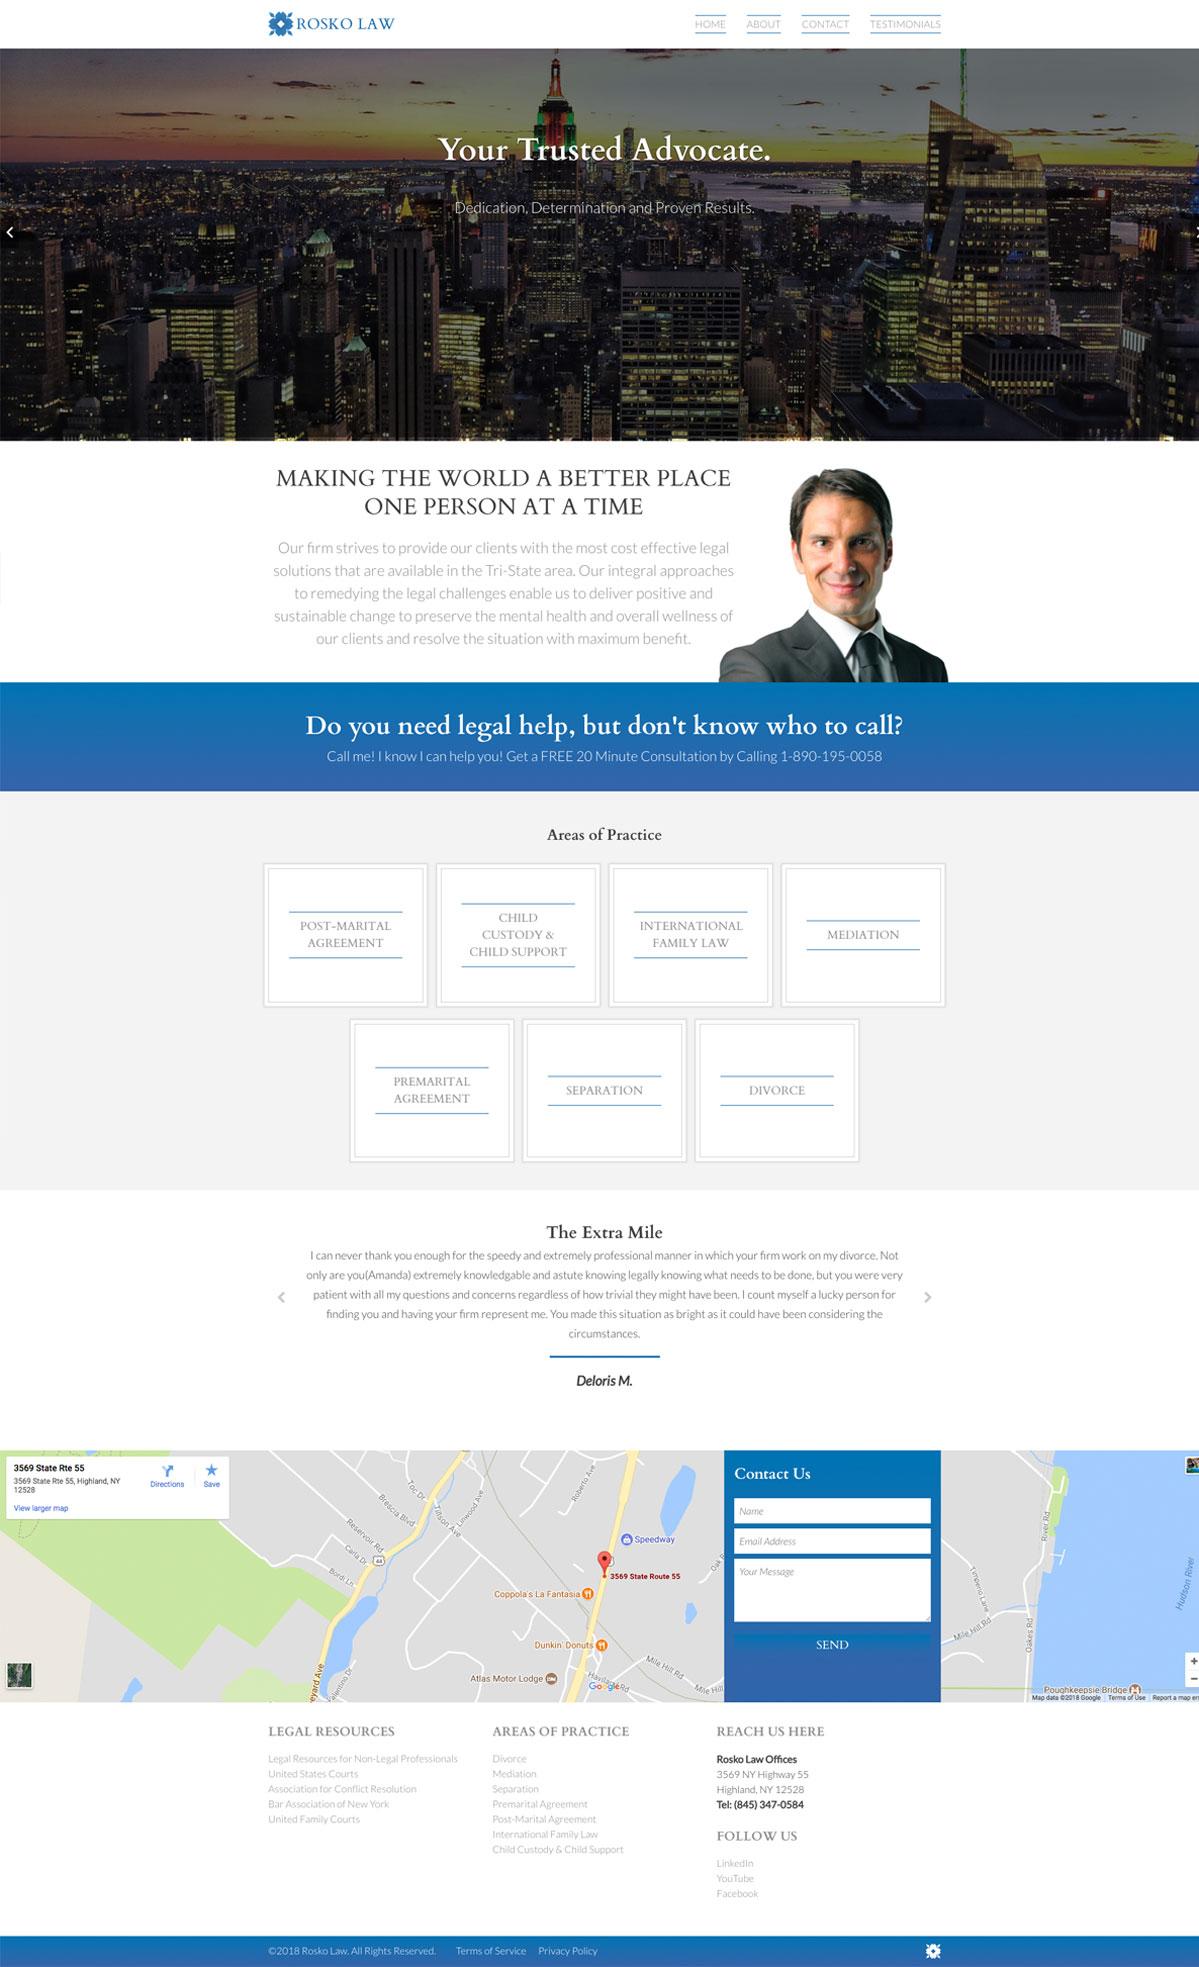 https://envisionwebmedia.com/wp-content/uploads/2018/04/rosko-law-full-site-image.jpg